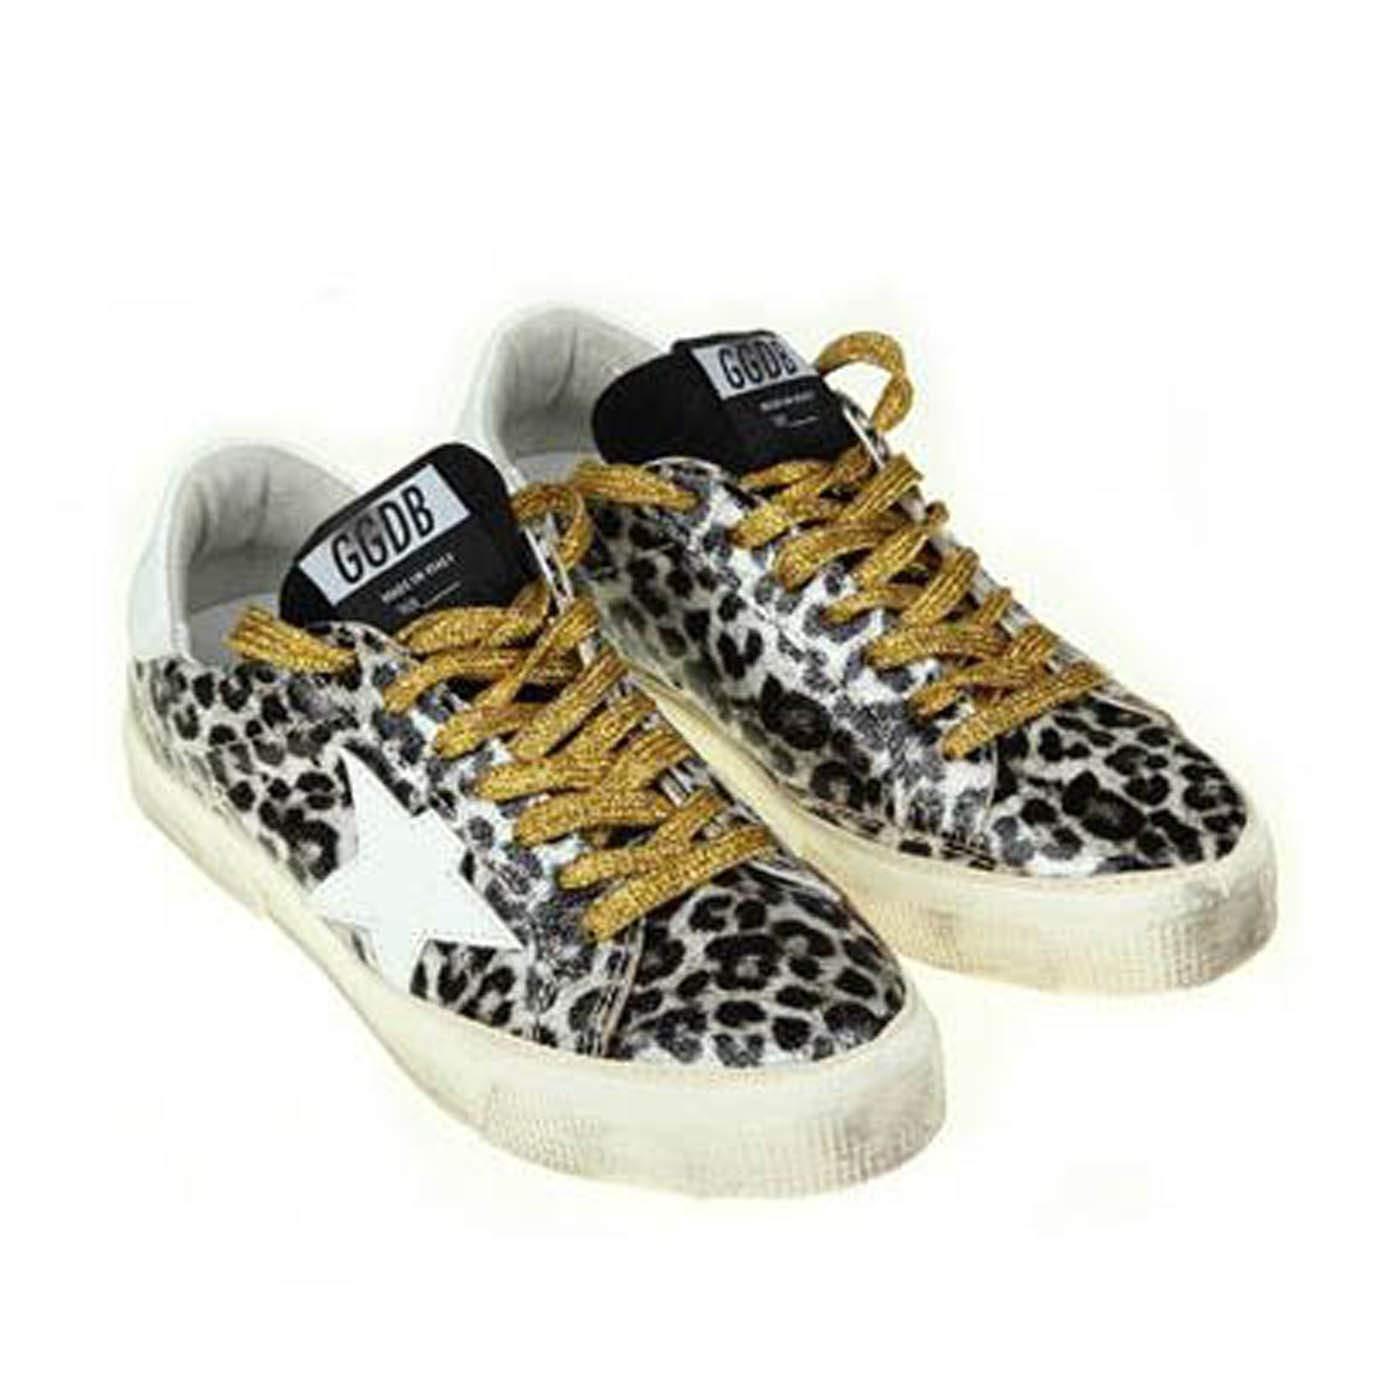 Golden Goose Deluxe Brand May Leopard